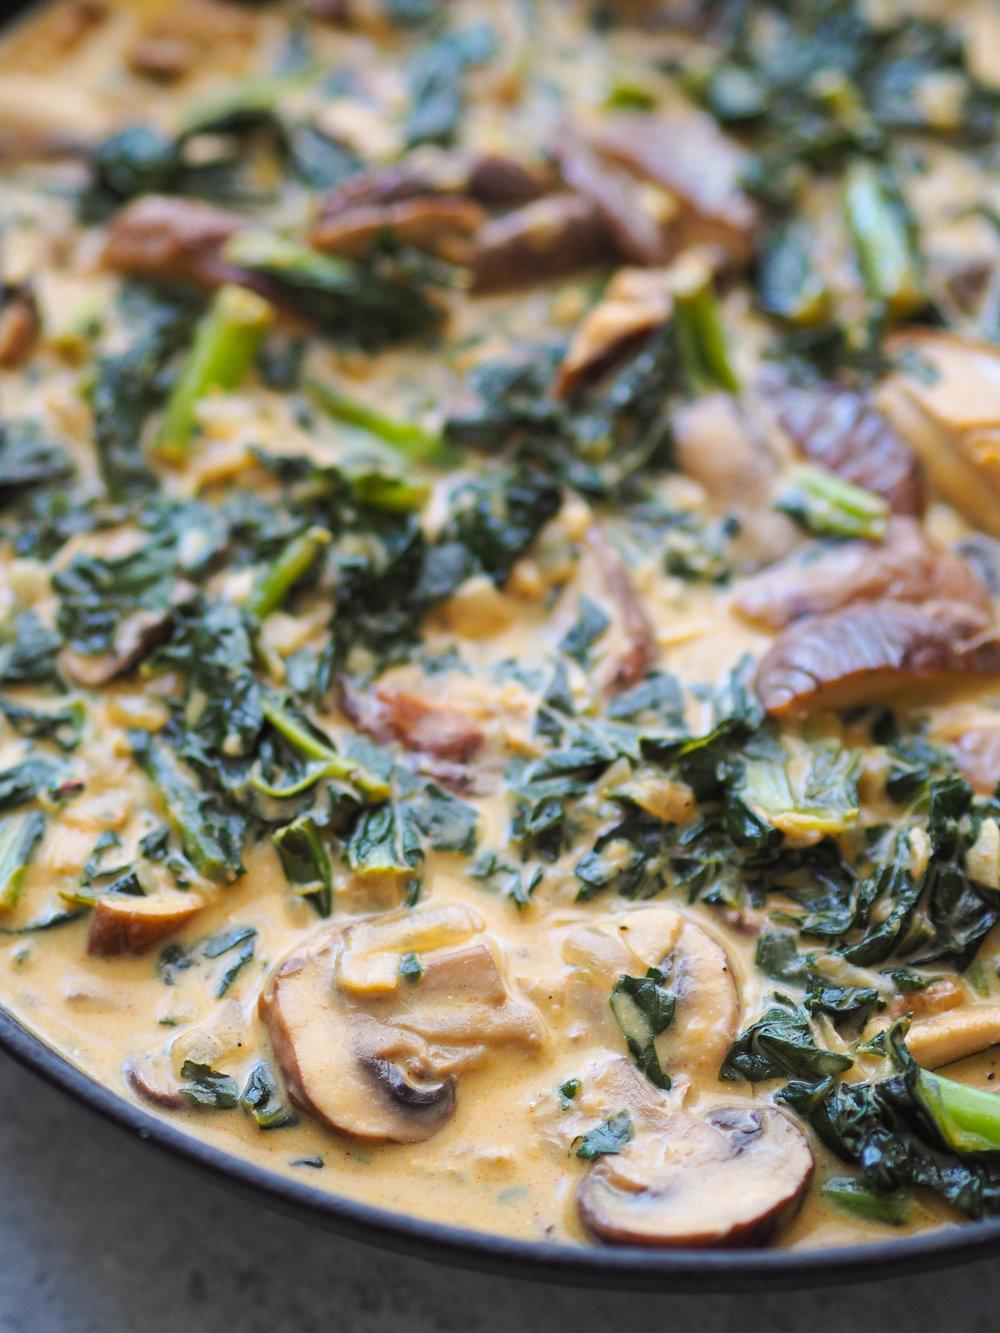 kale-and-mushroom-stroganoff-2.jpg